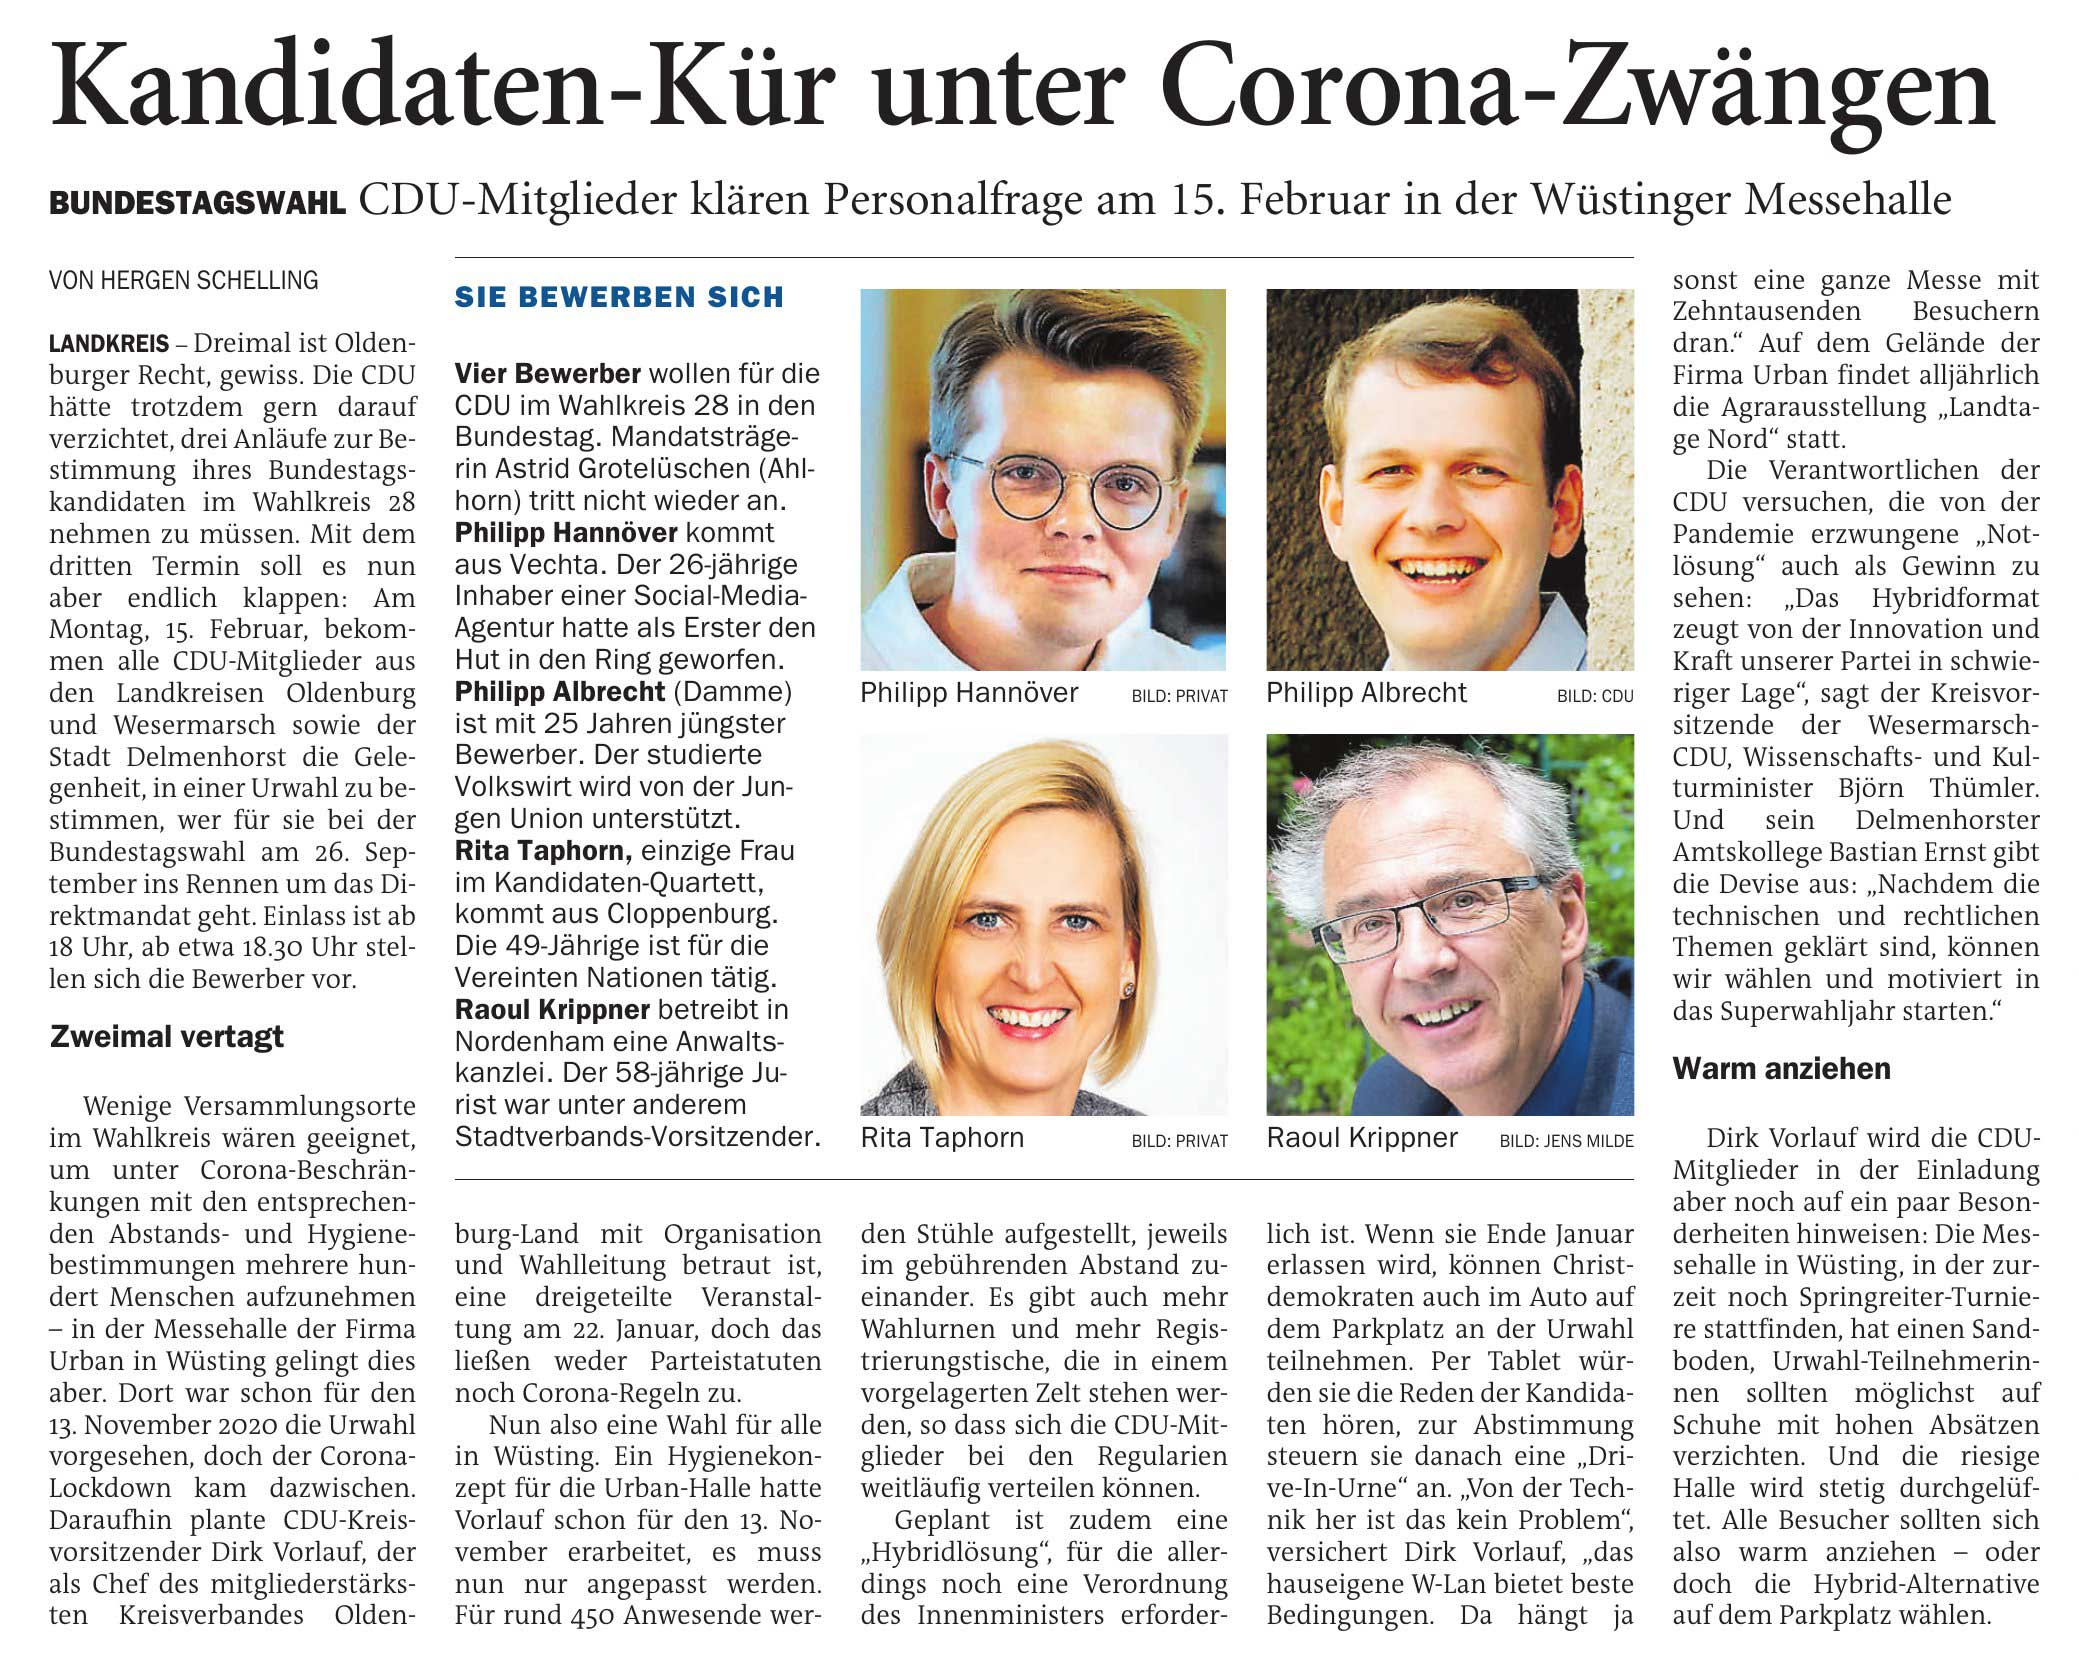 Kandidaten-Kür unter Corona-ZwängenBundestagswahl: CDU-Mitglieder klären Personalfrage am 15. Februar in der Wüstinger MessehalleArtikel vom 23.01.2021 (NWZ)